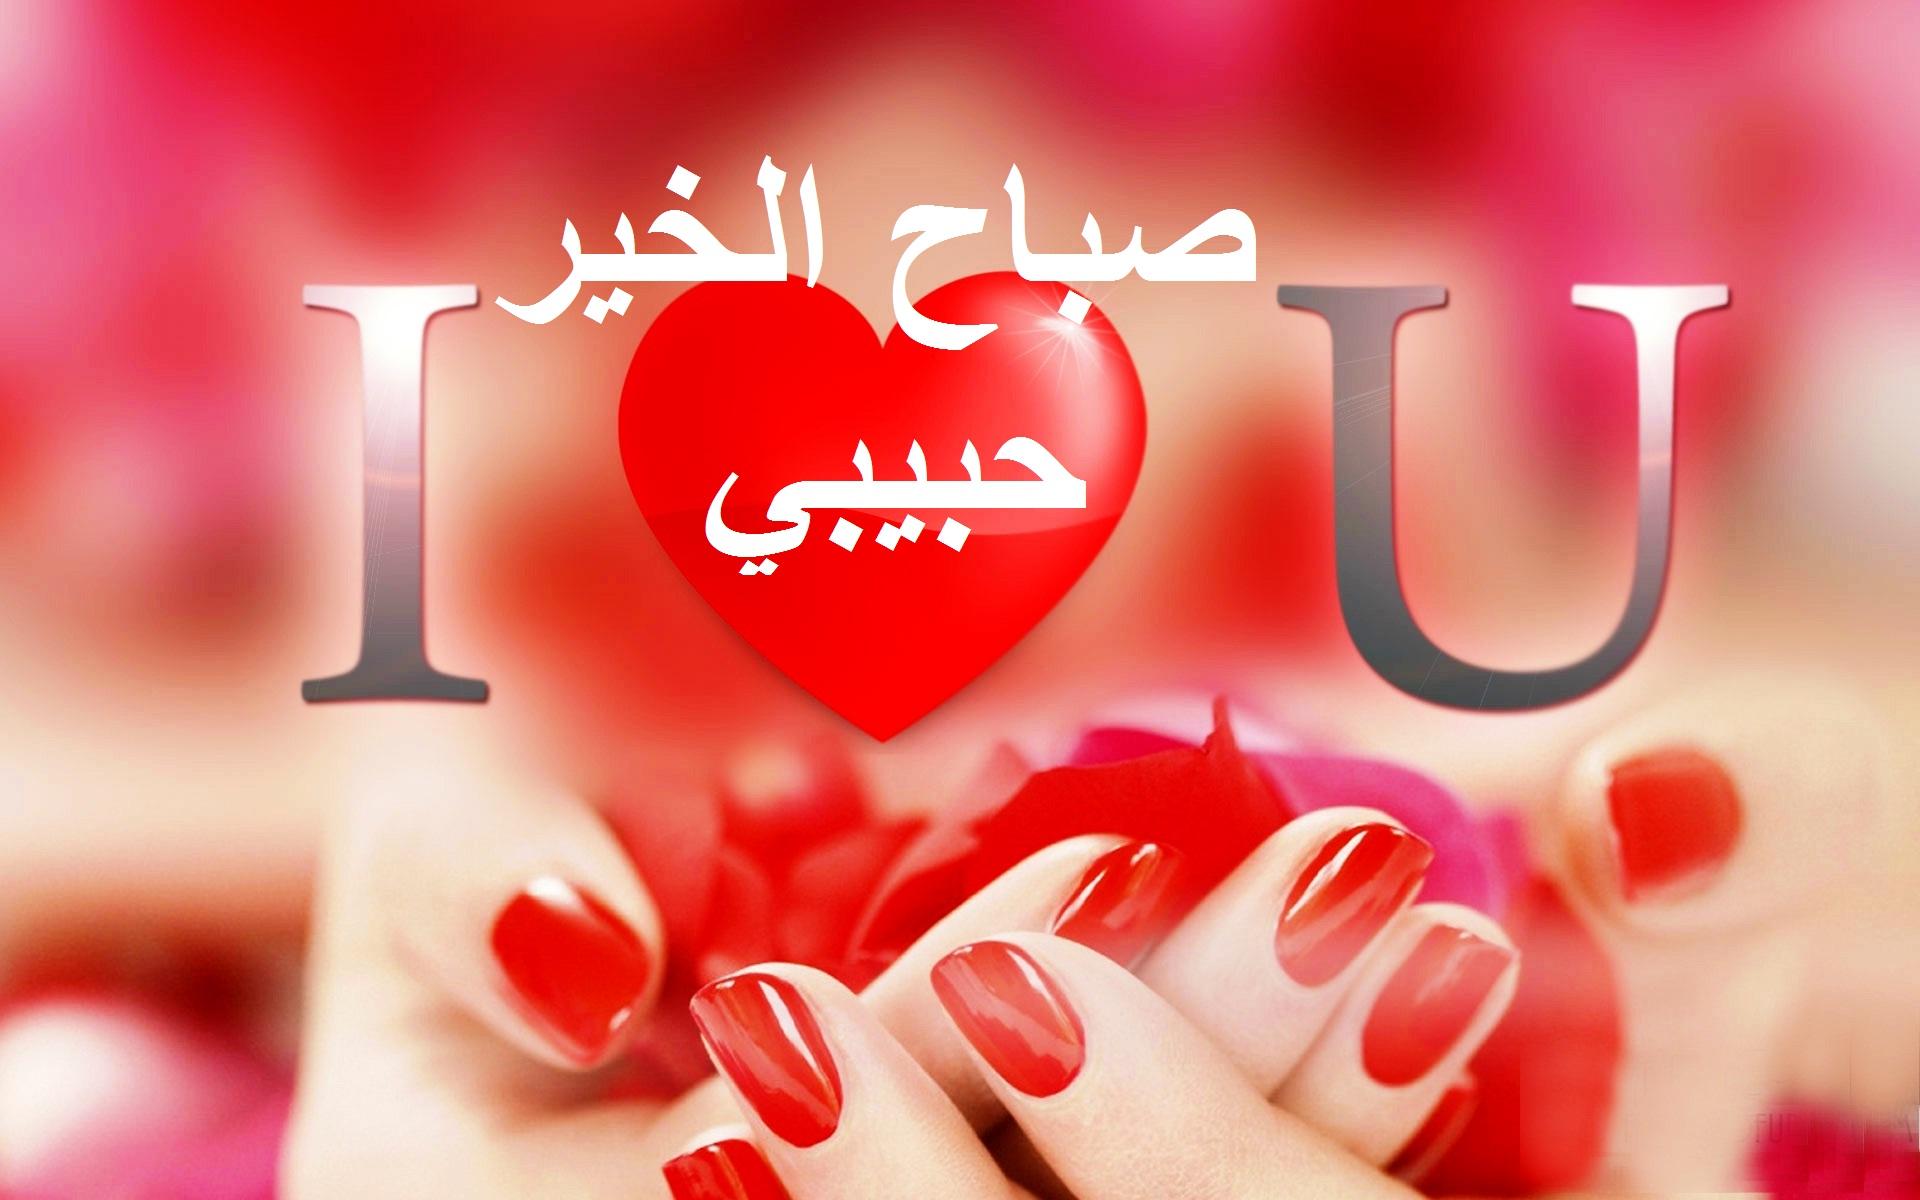 صباح الخير حبيبي 2017 صور